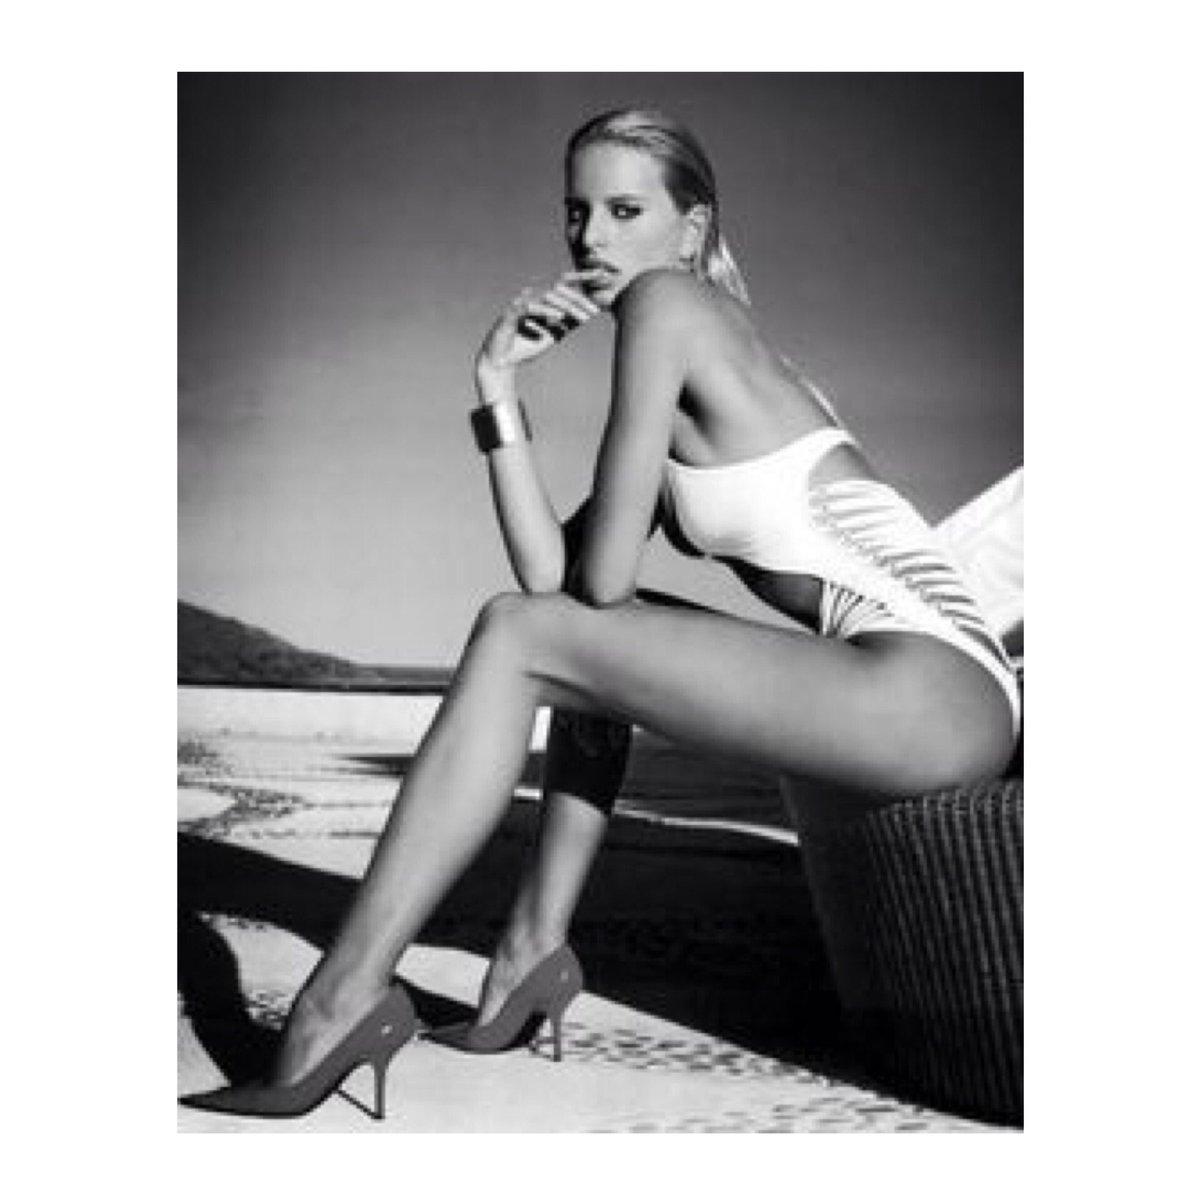 Karolina Kurkova  - End of summe twitter @karolinakurkova summer,swimsuit,kkstyle,style,fashion